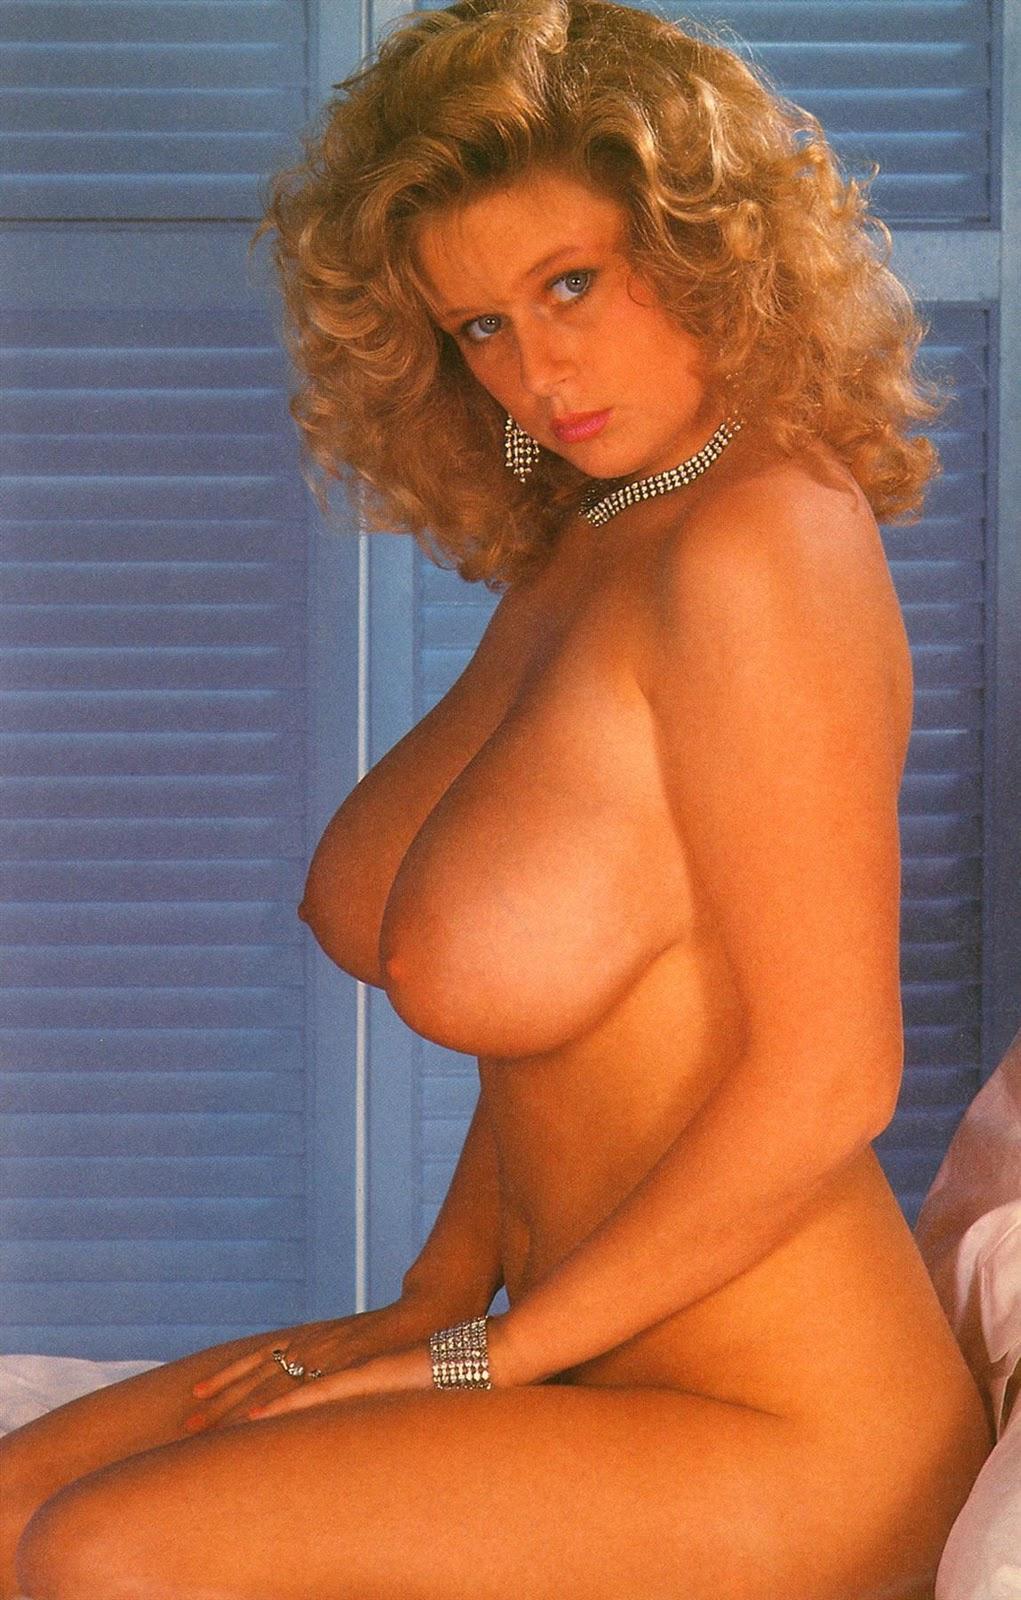 hot naked gails pics